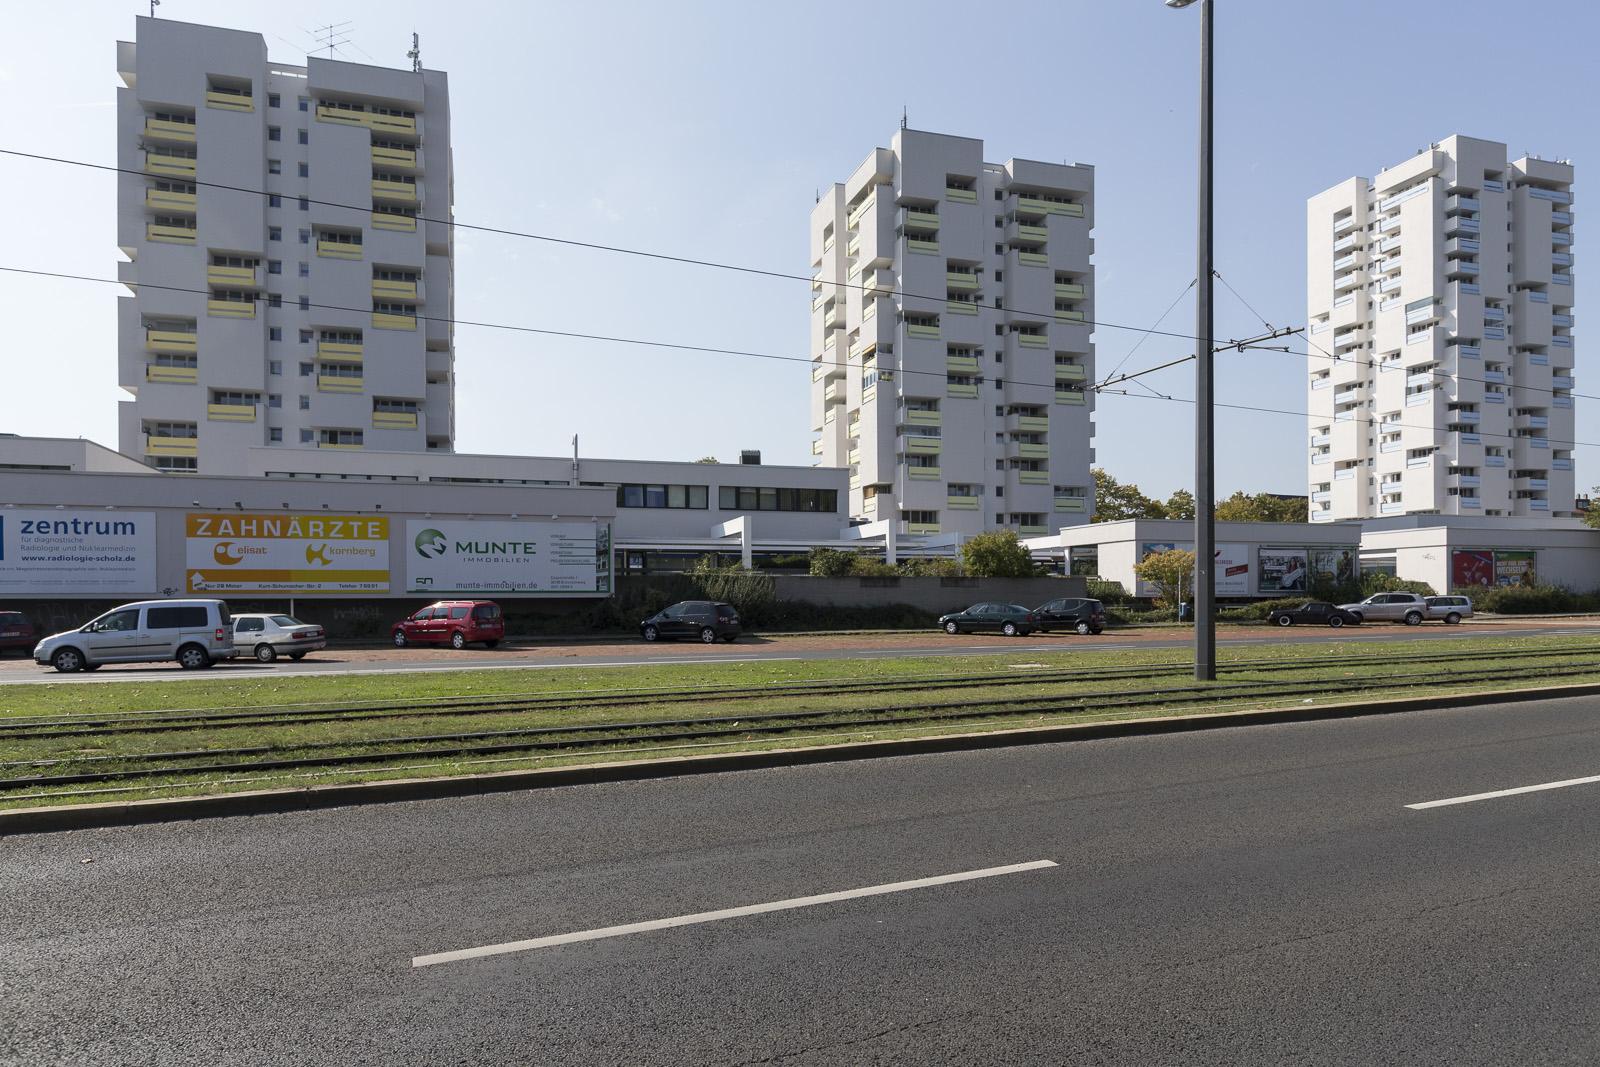 SAKRET Referenz Fassadensanierung WDVS Braunschweig aus Totale